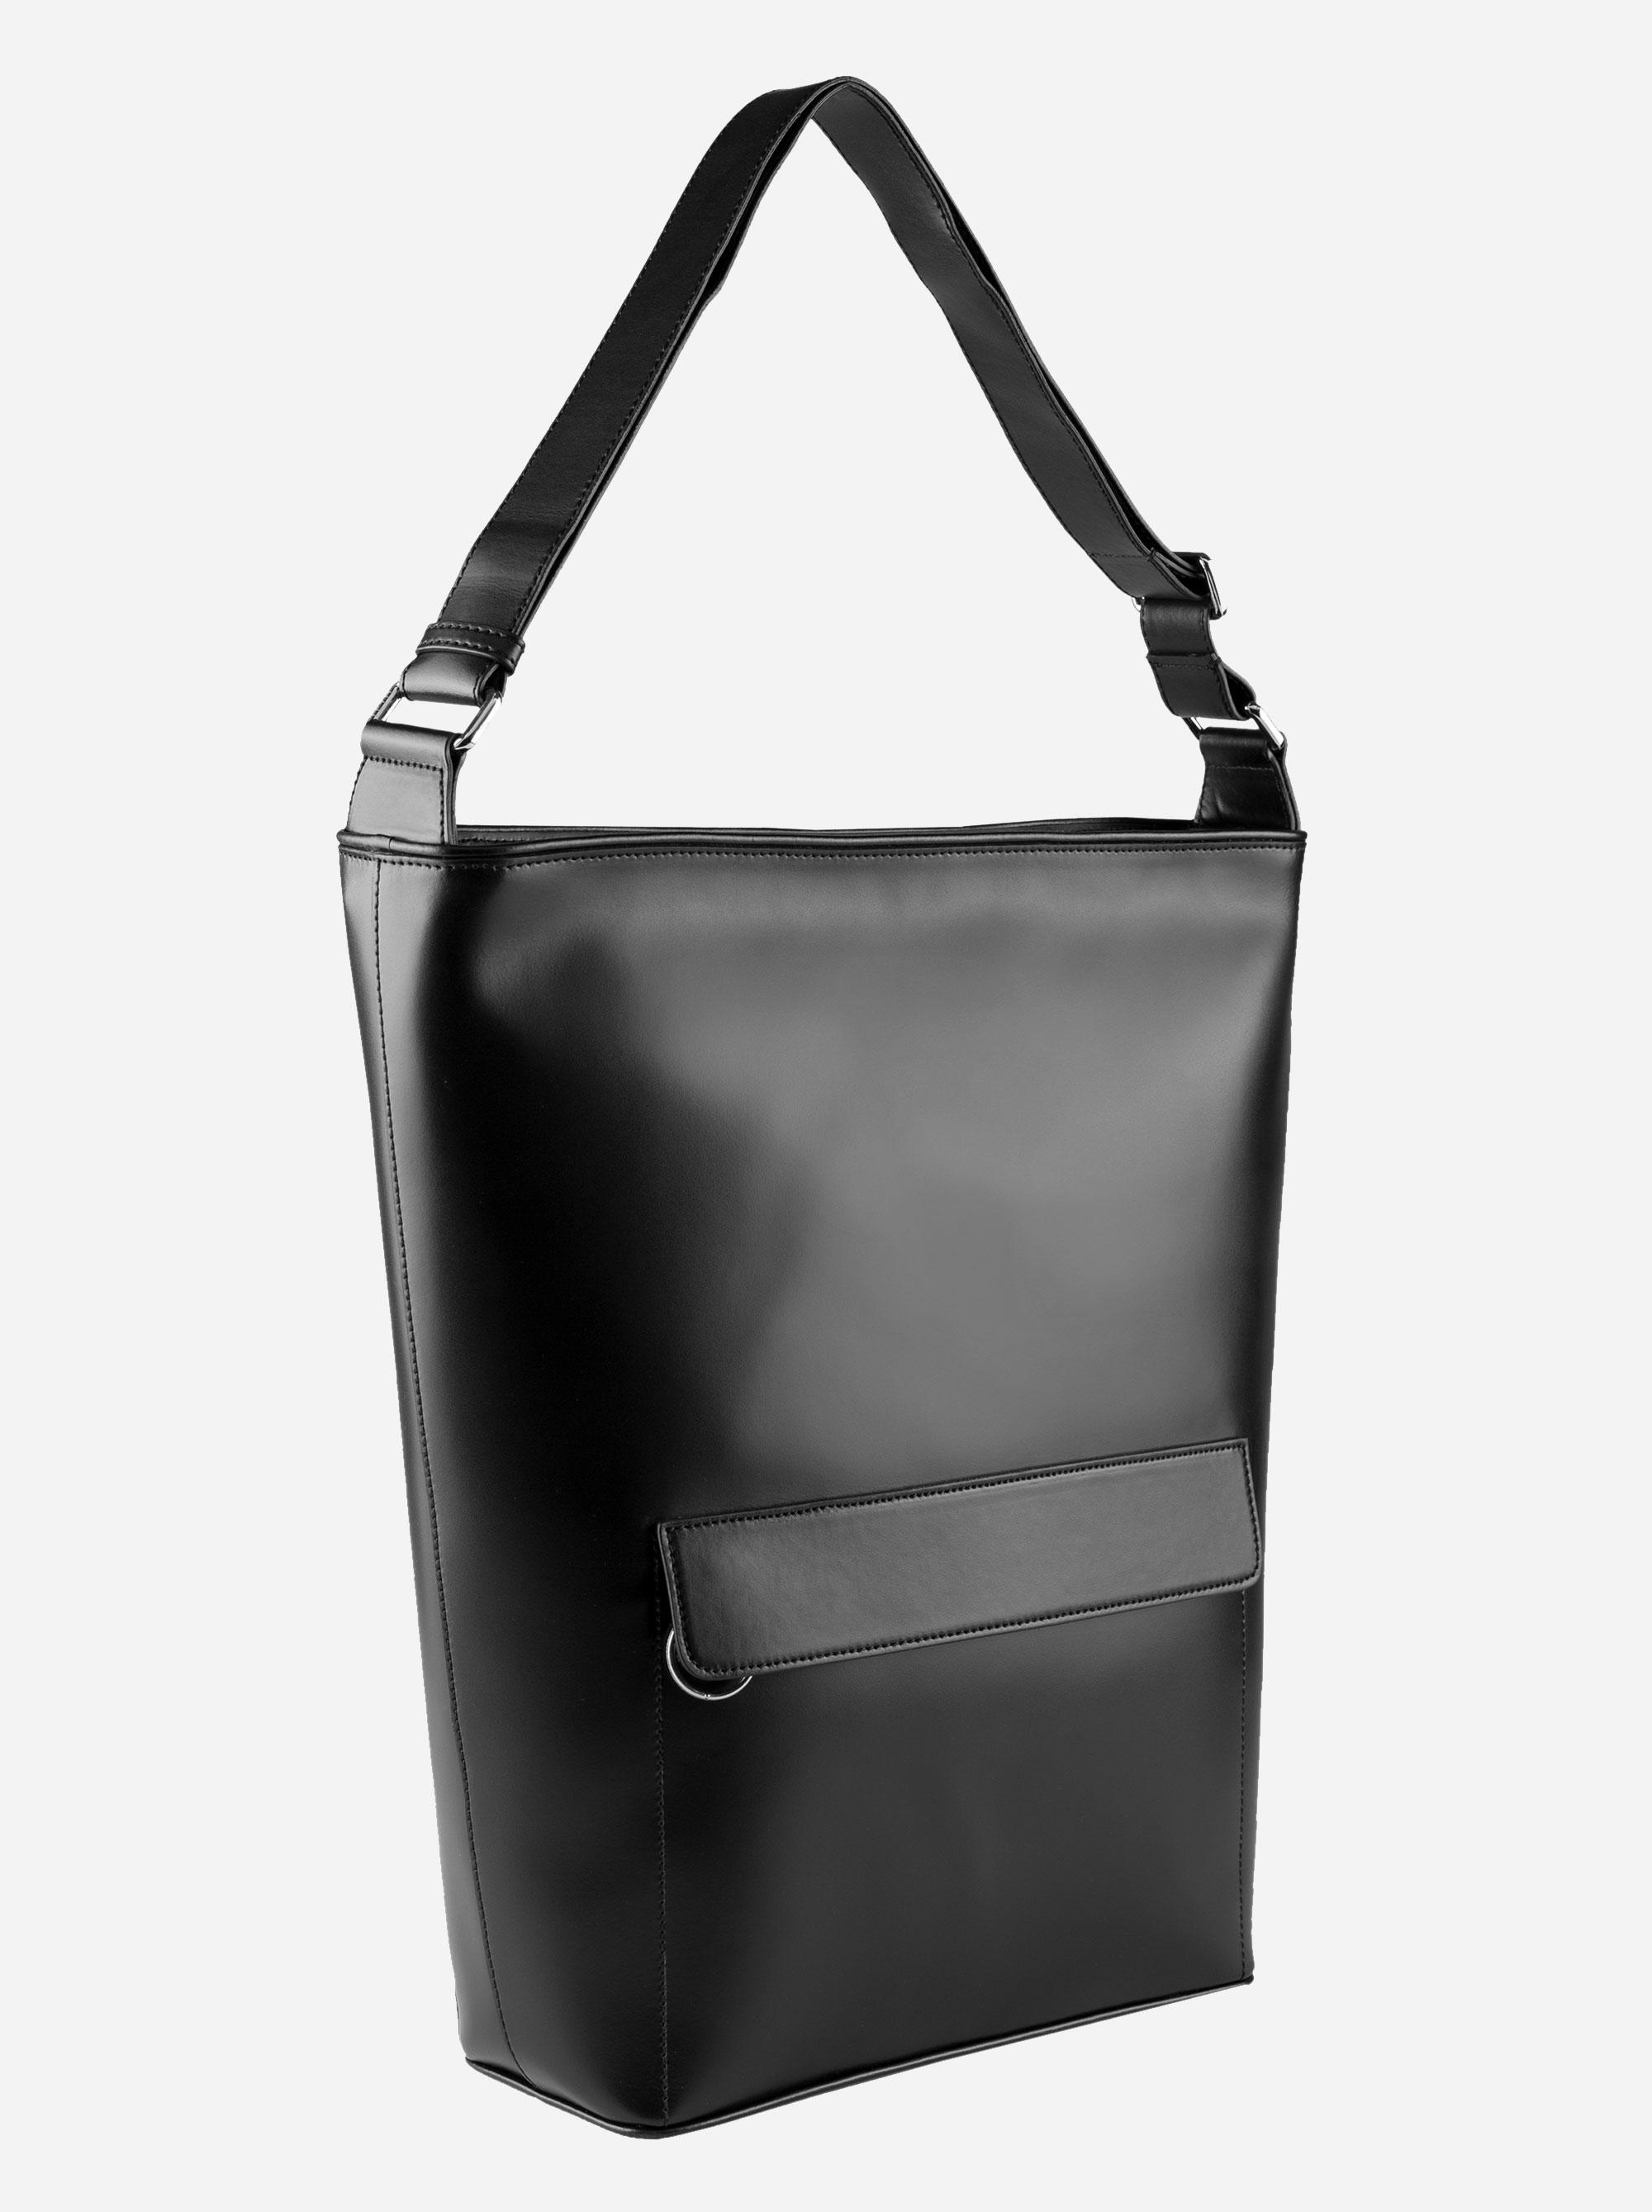 Teym - The Shoulder Bag - Black - 2